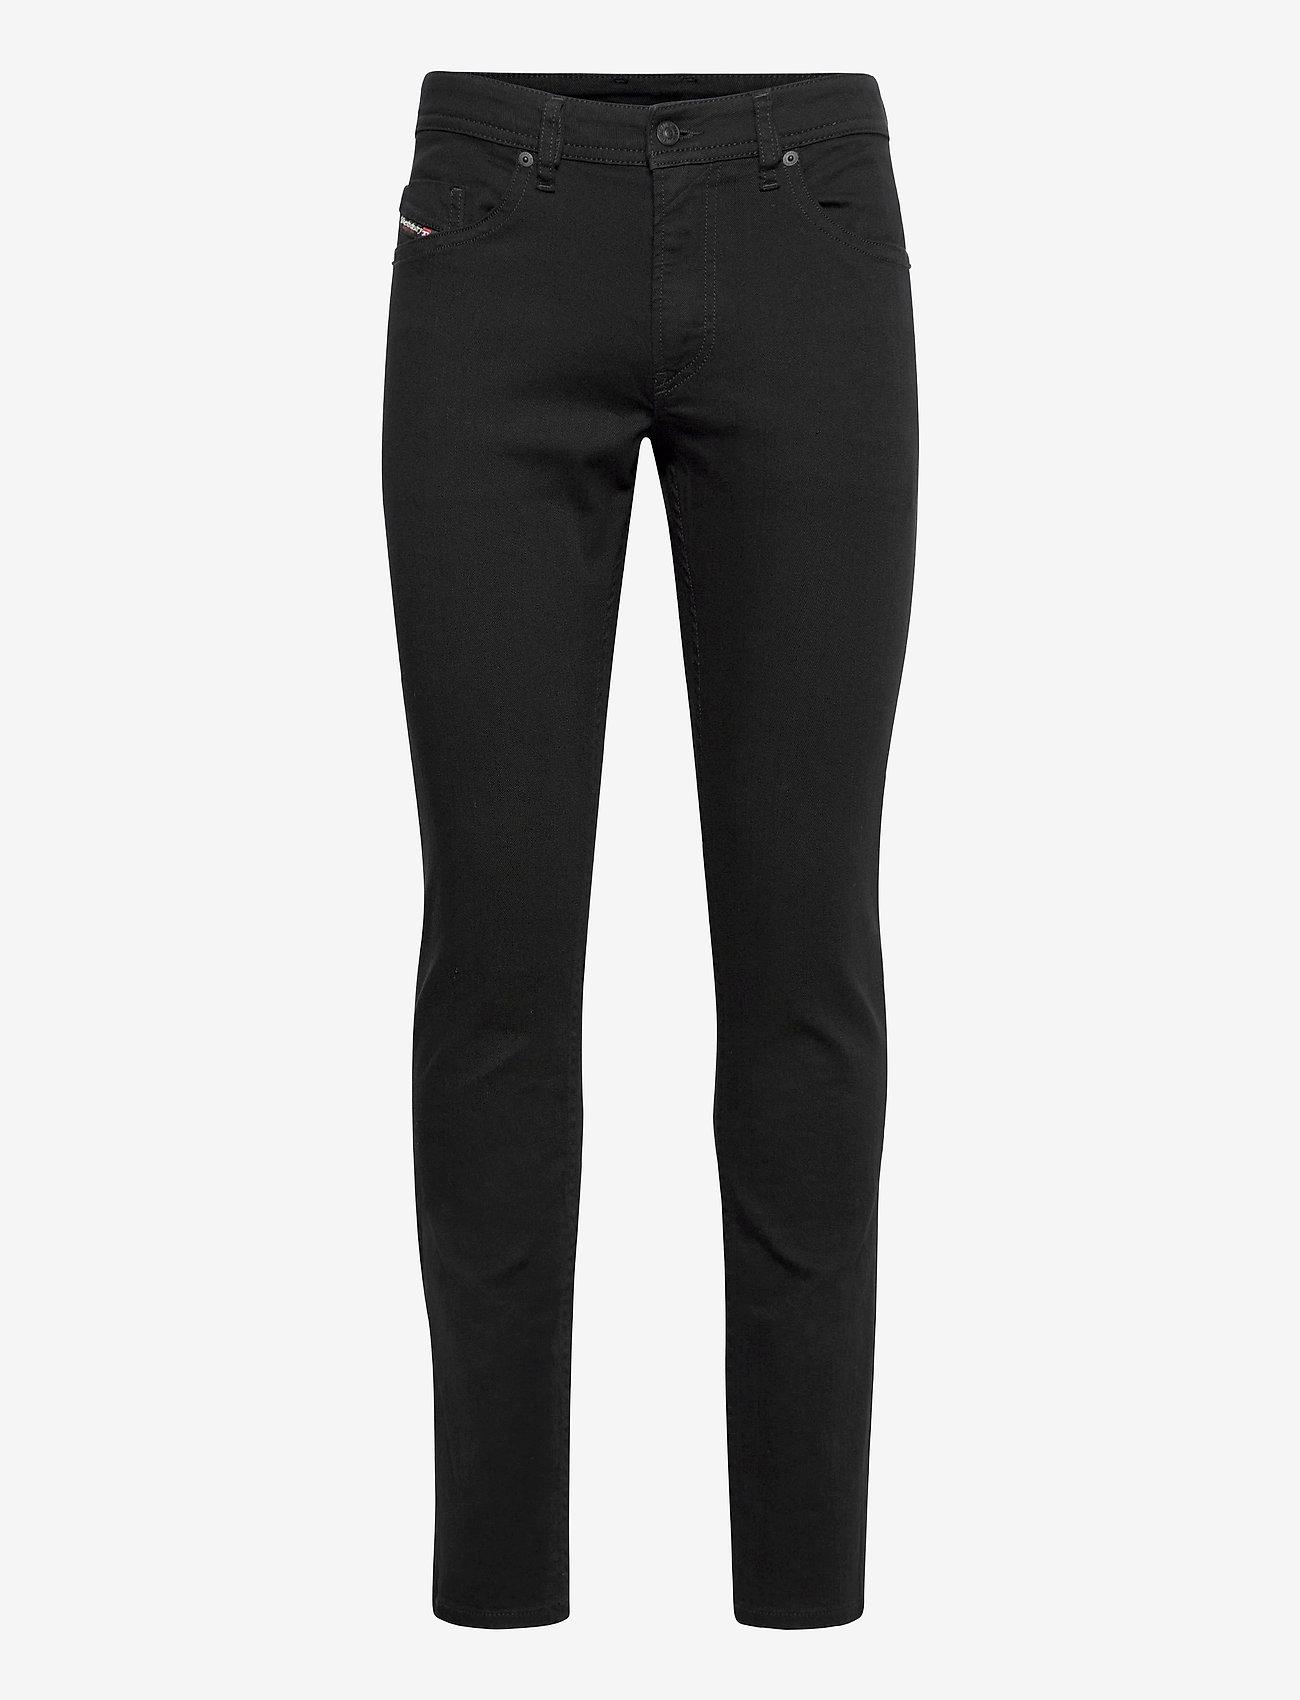 Diesel Men - THOMMER-X TROUSERS - slim jeans - black/denim - 0